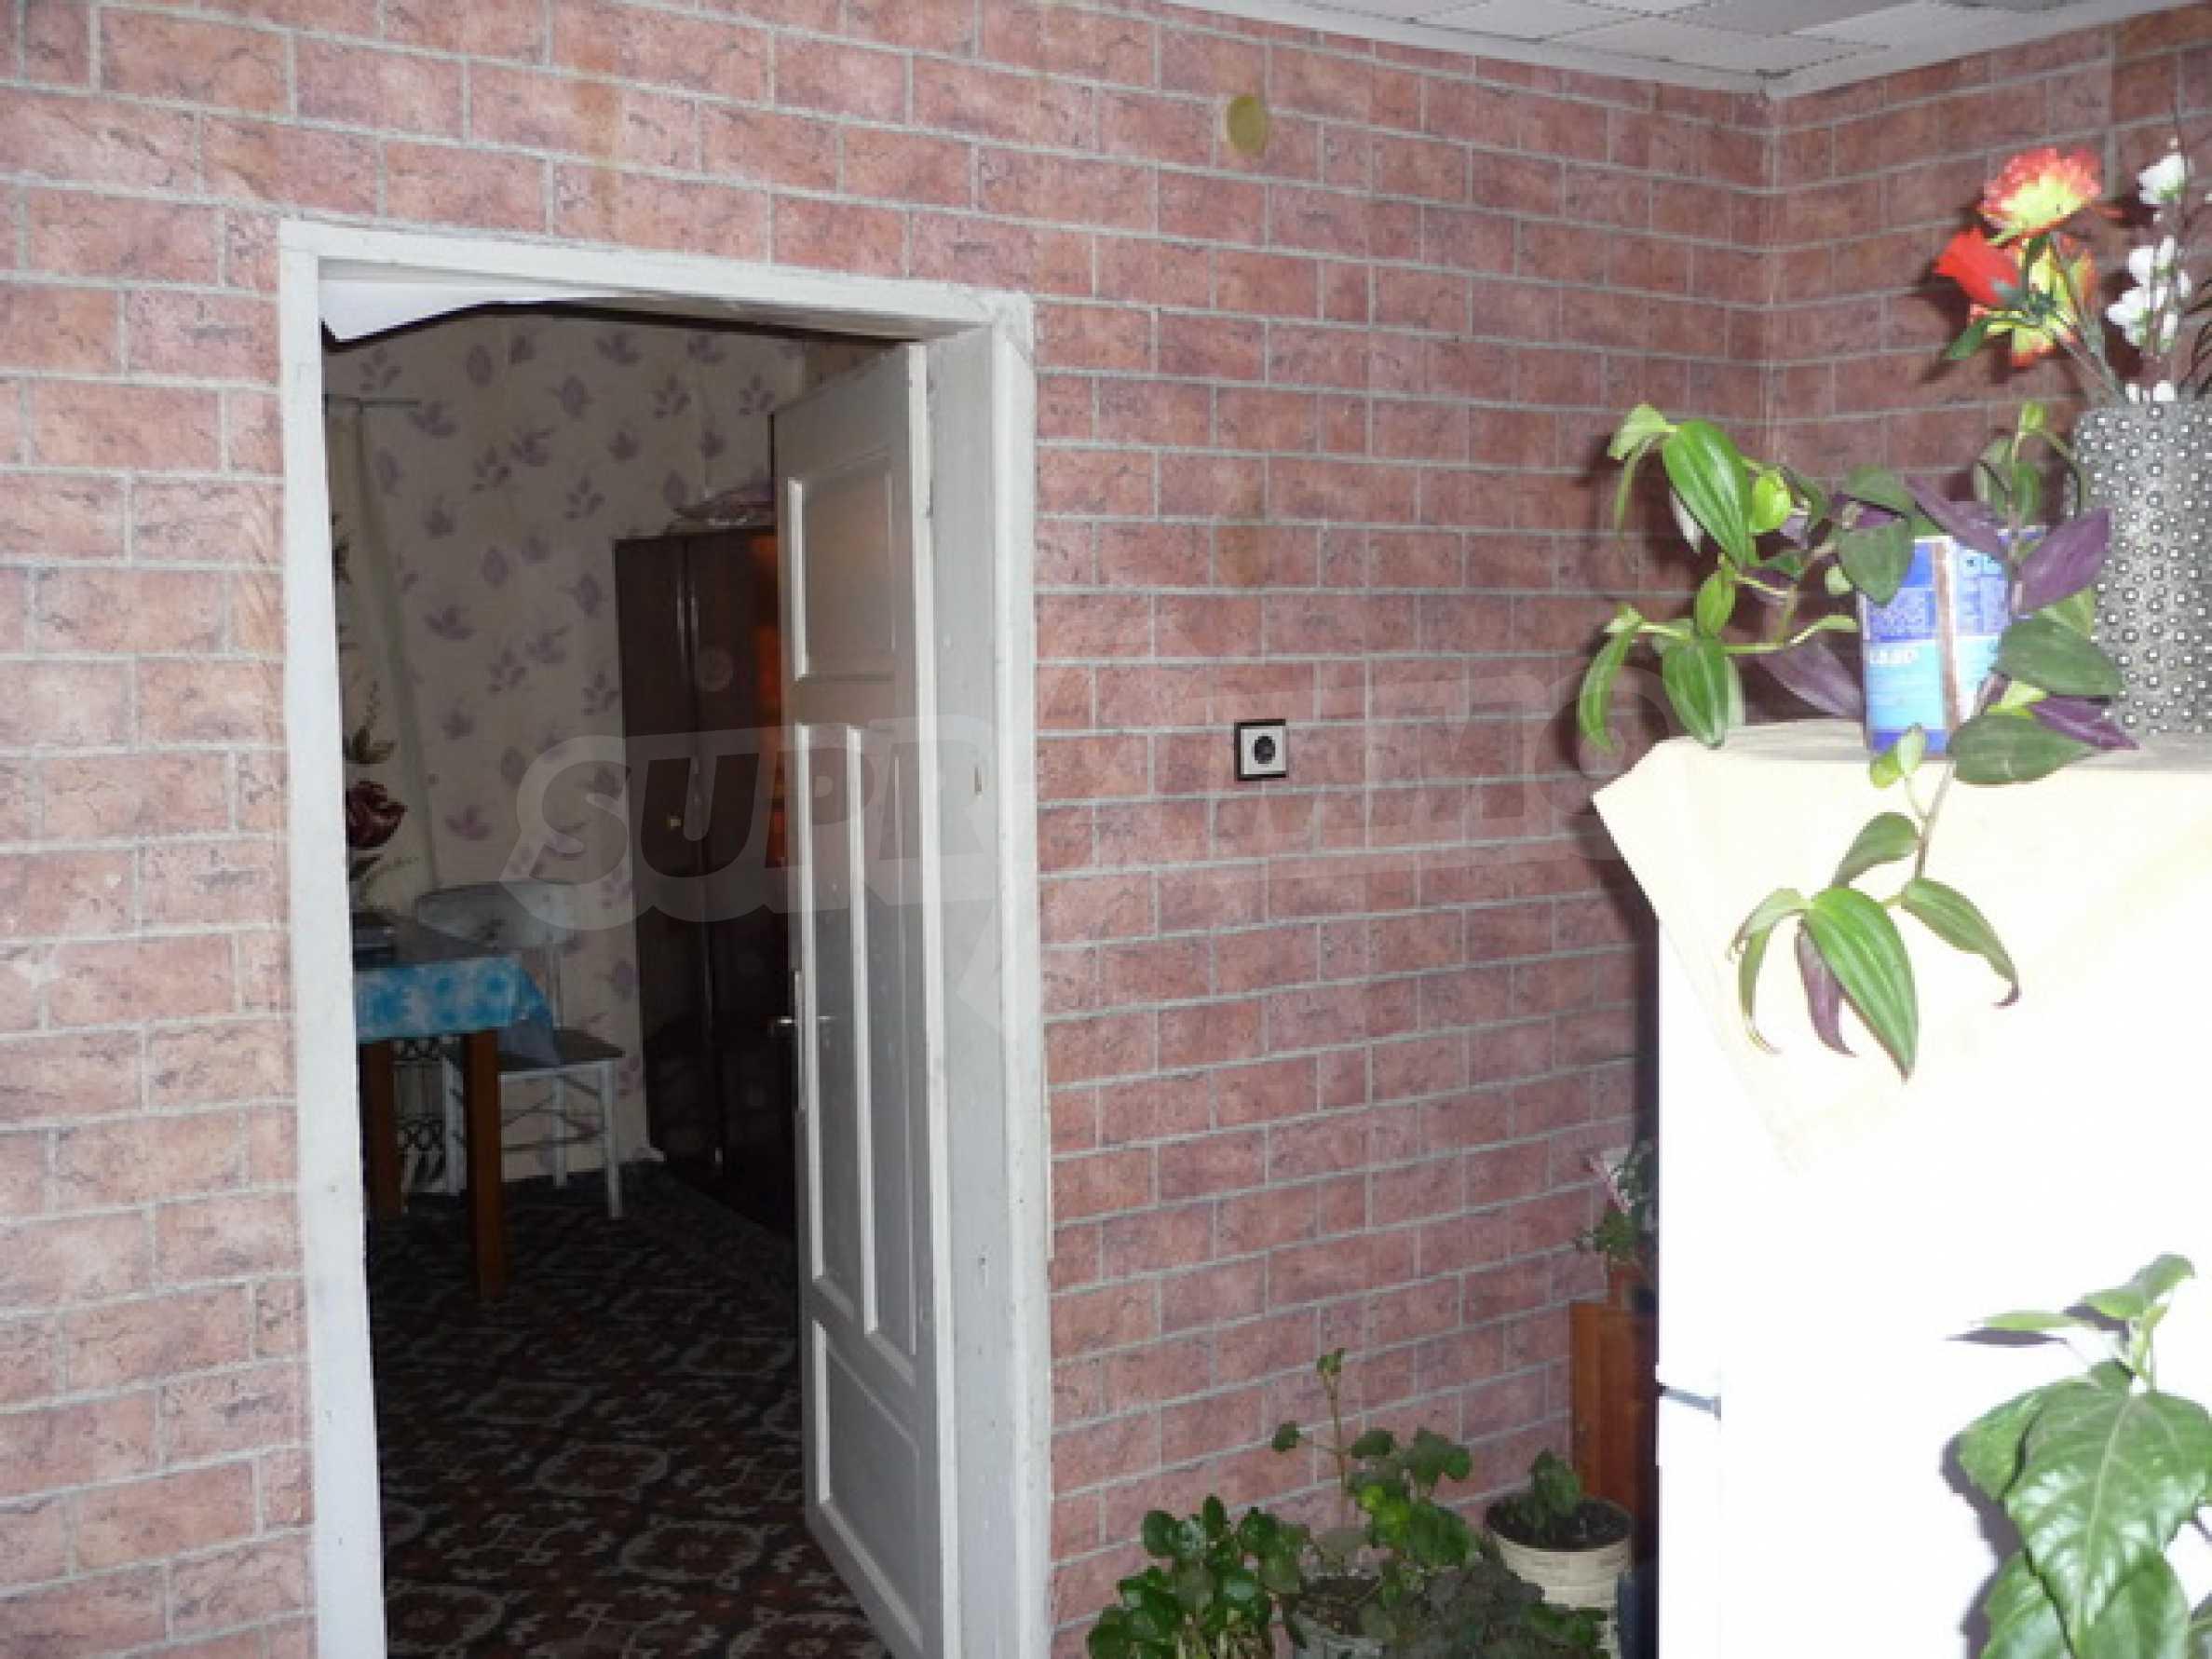 Zweistöckiges Haus zum Verkauf in einem Dorf 40 km von Veliko Tarnovo entfernt 6